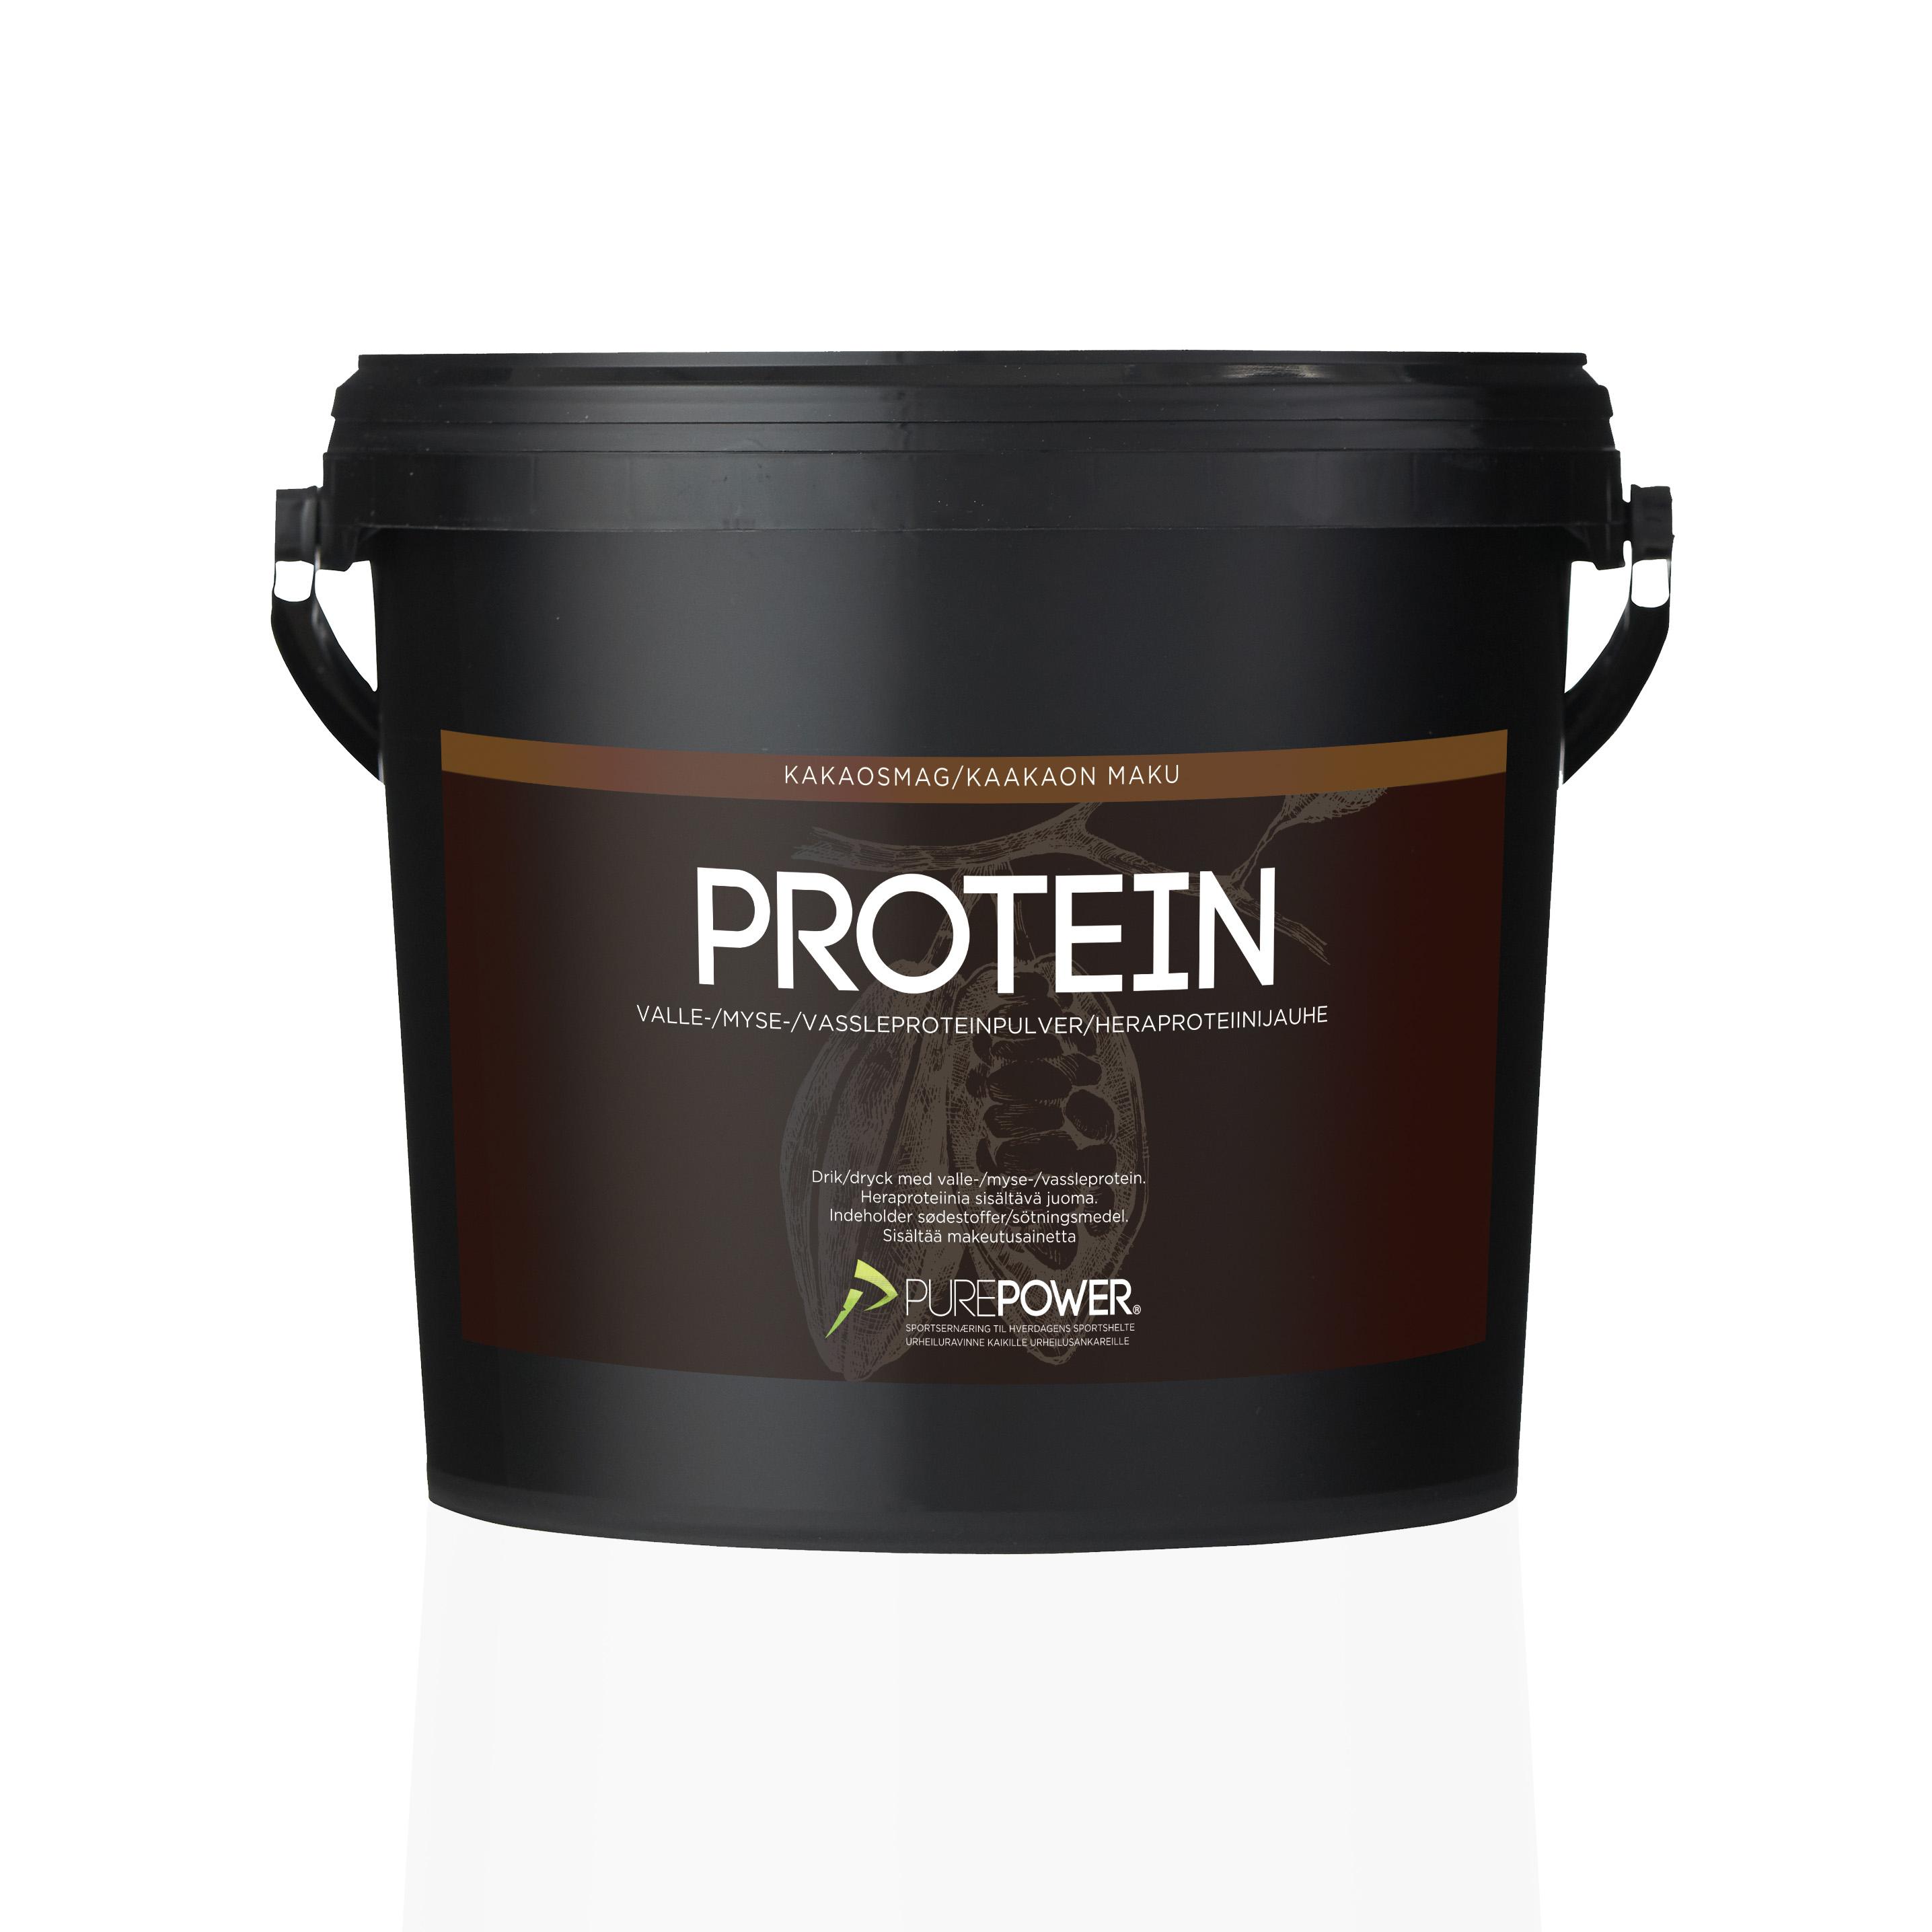 Purepower Proteinpulver - 3000g - Chokolade - 6942370   Proteinbar og -pulver